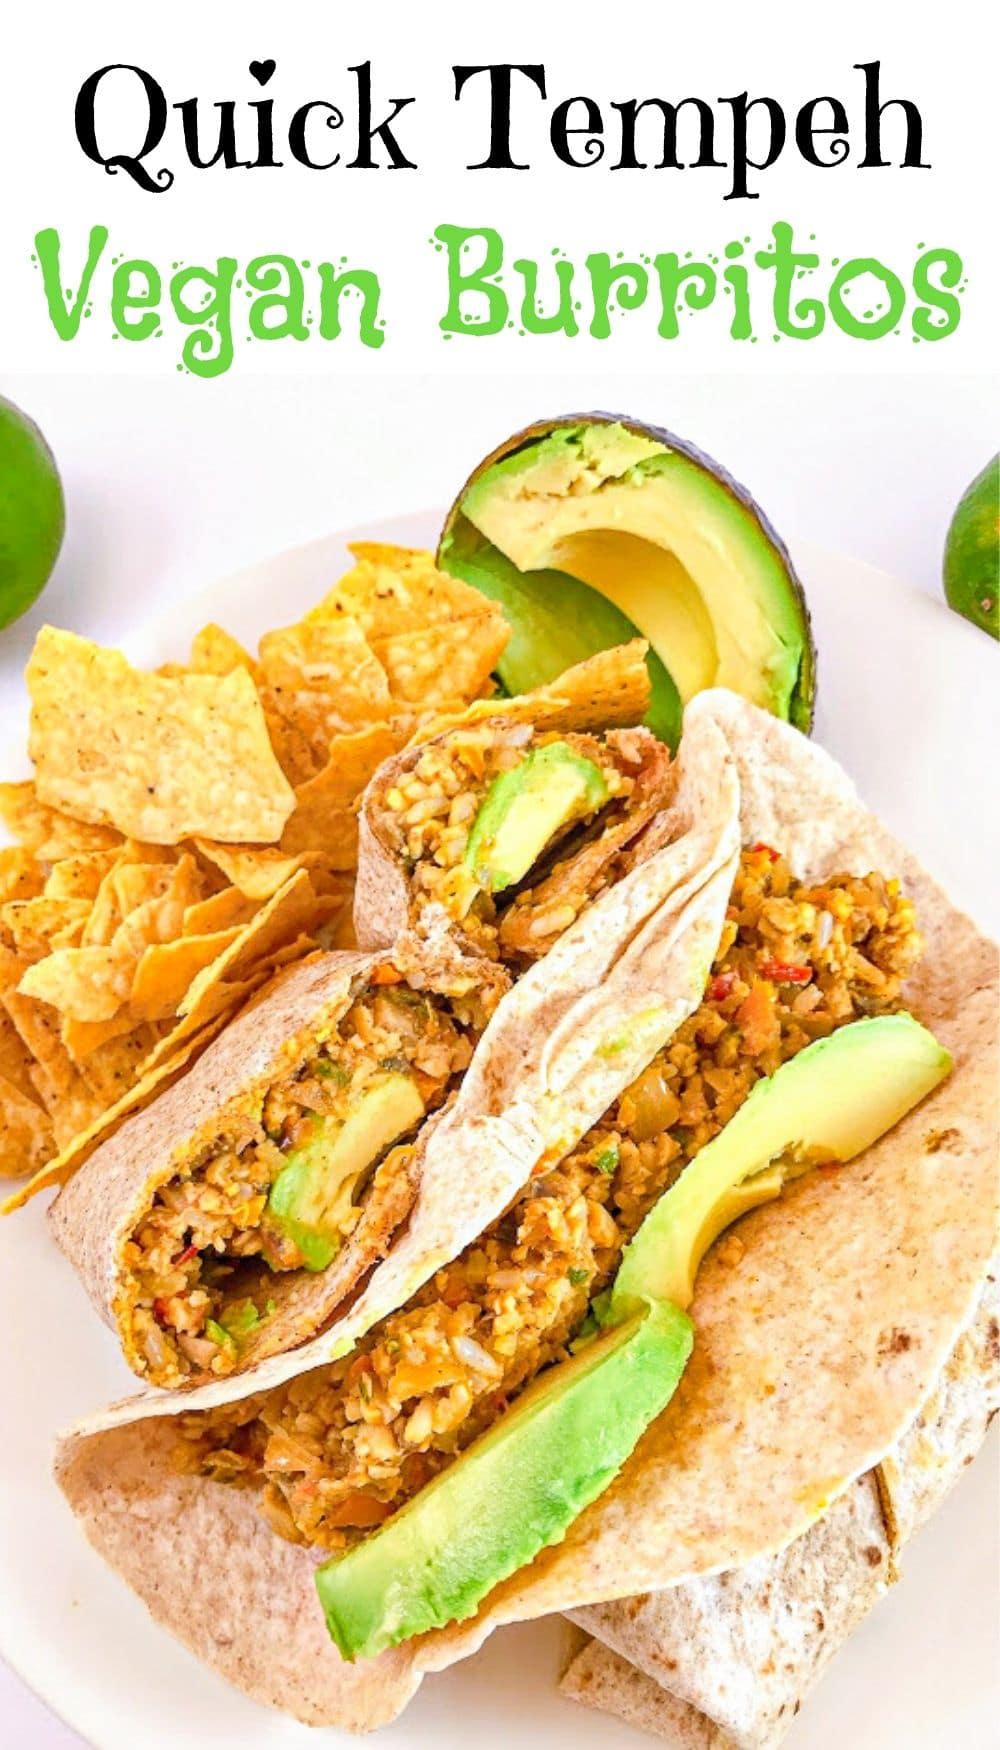 quick tempeh vegan burritos